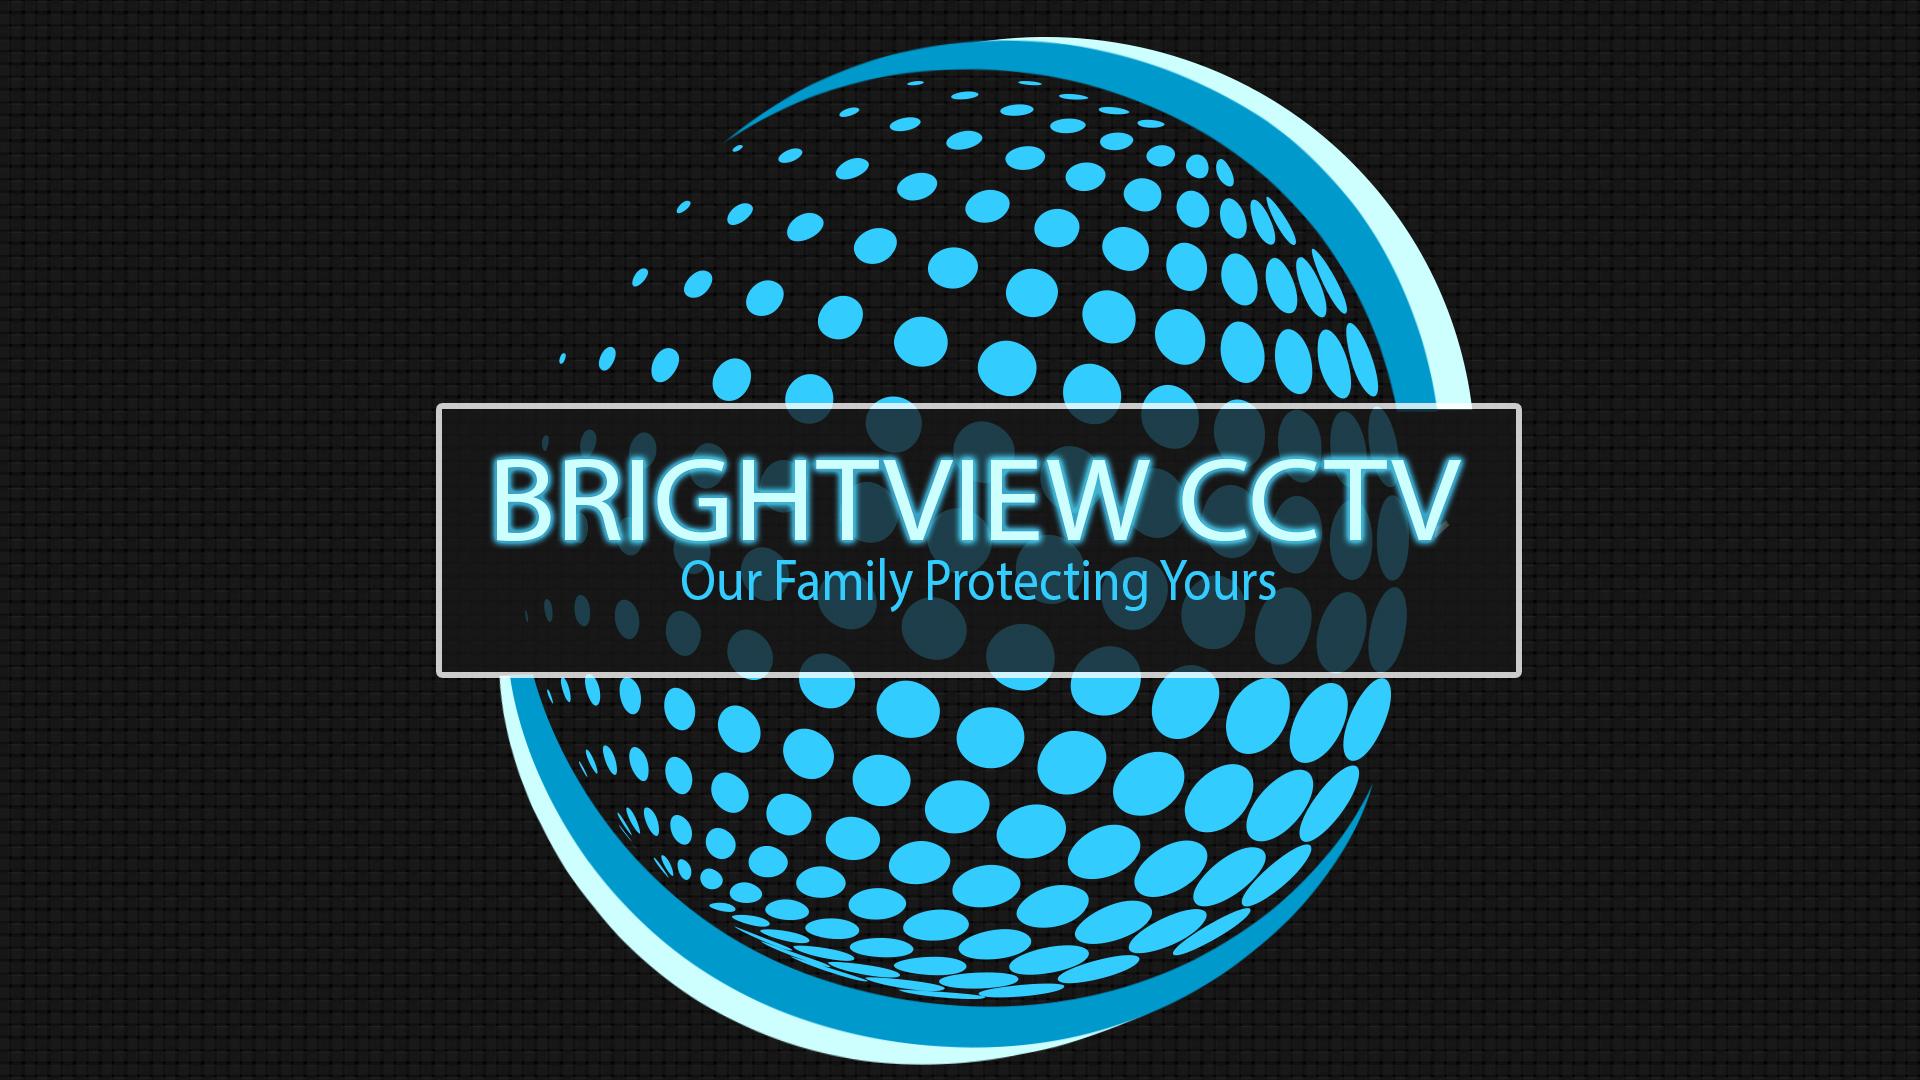 Brightviewcctv